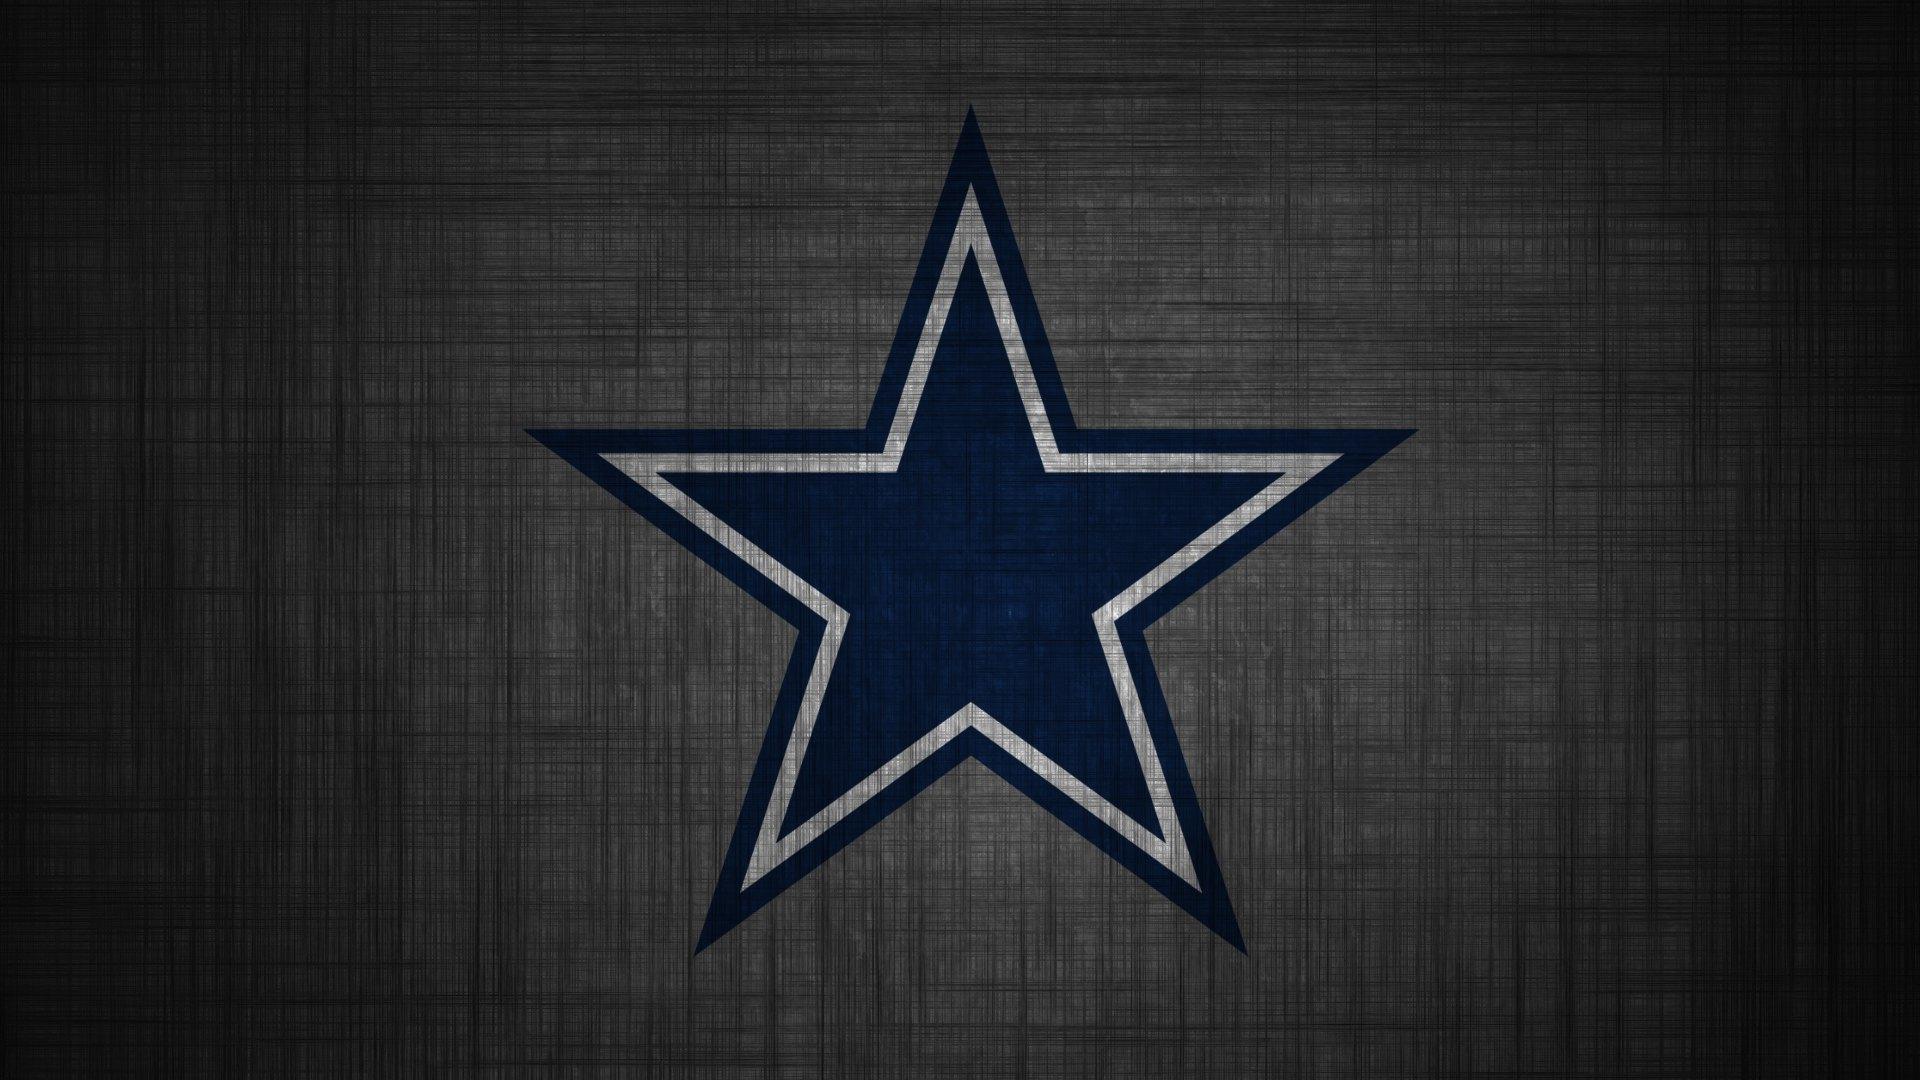 Dallas Cowboys Logo Wallpaper in HD 1080p with Dark Grey ...